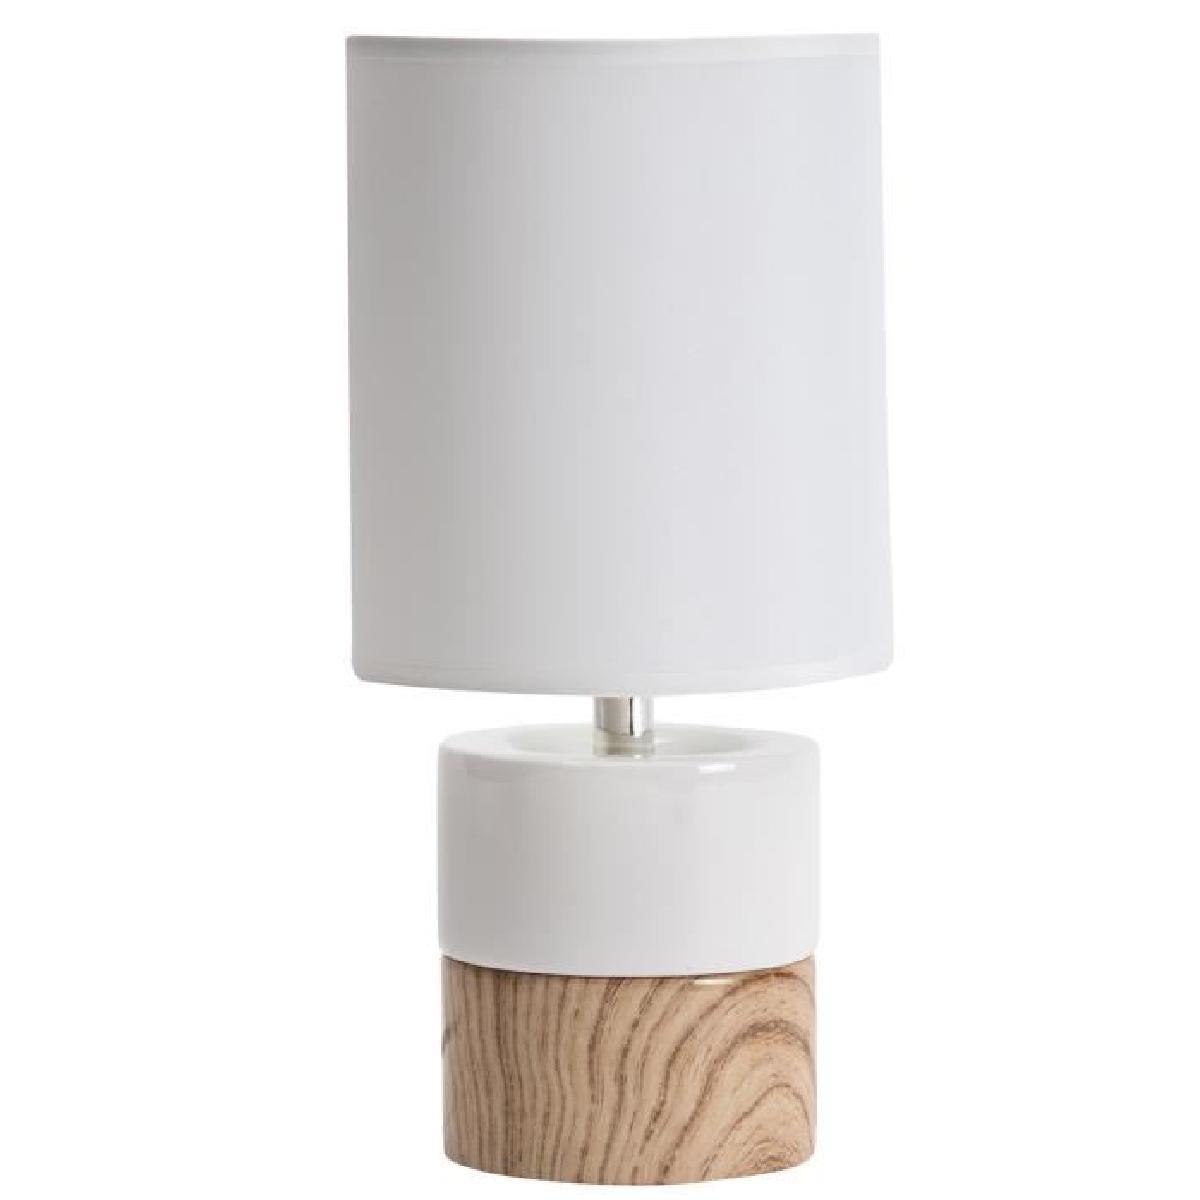 Lampe de chevet blanche bois